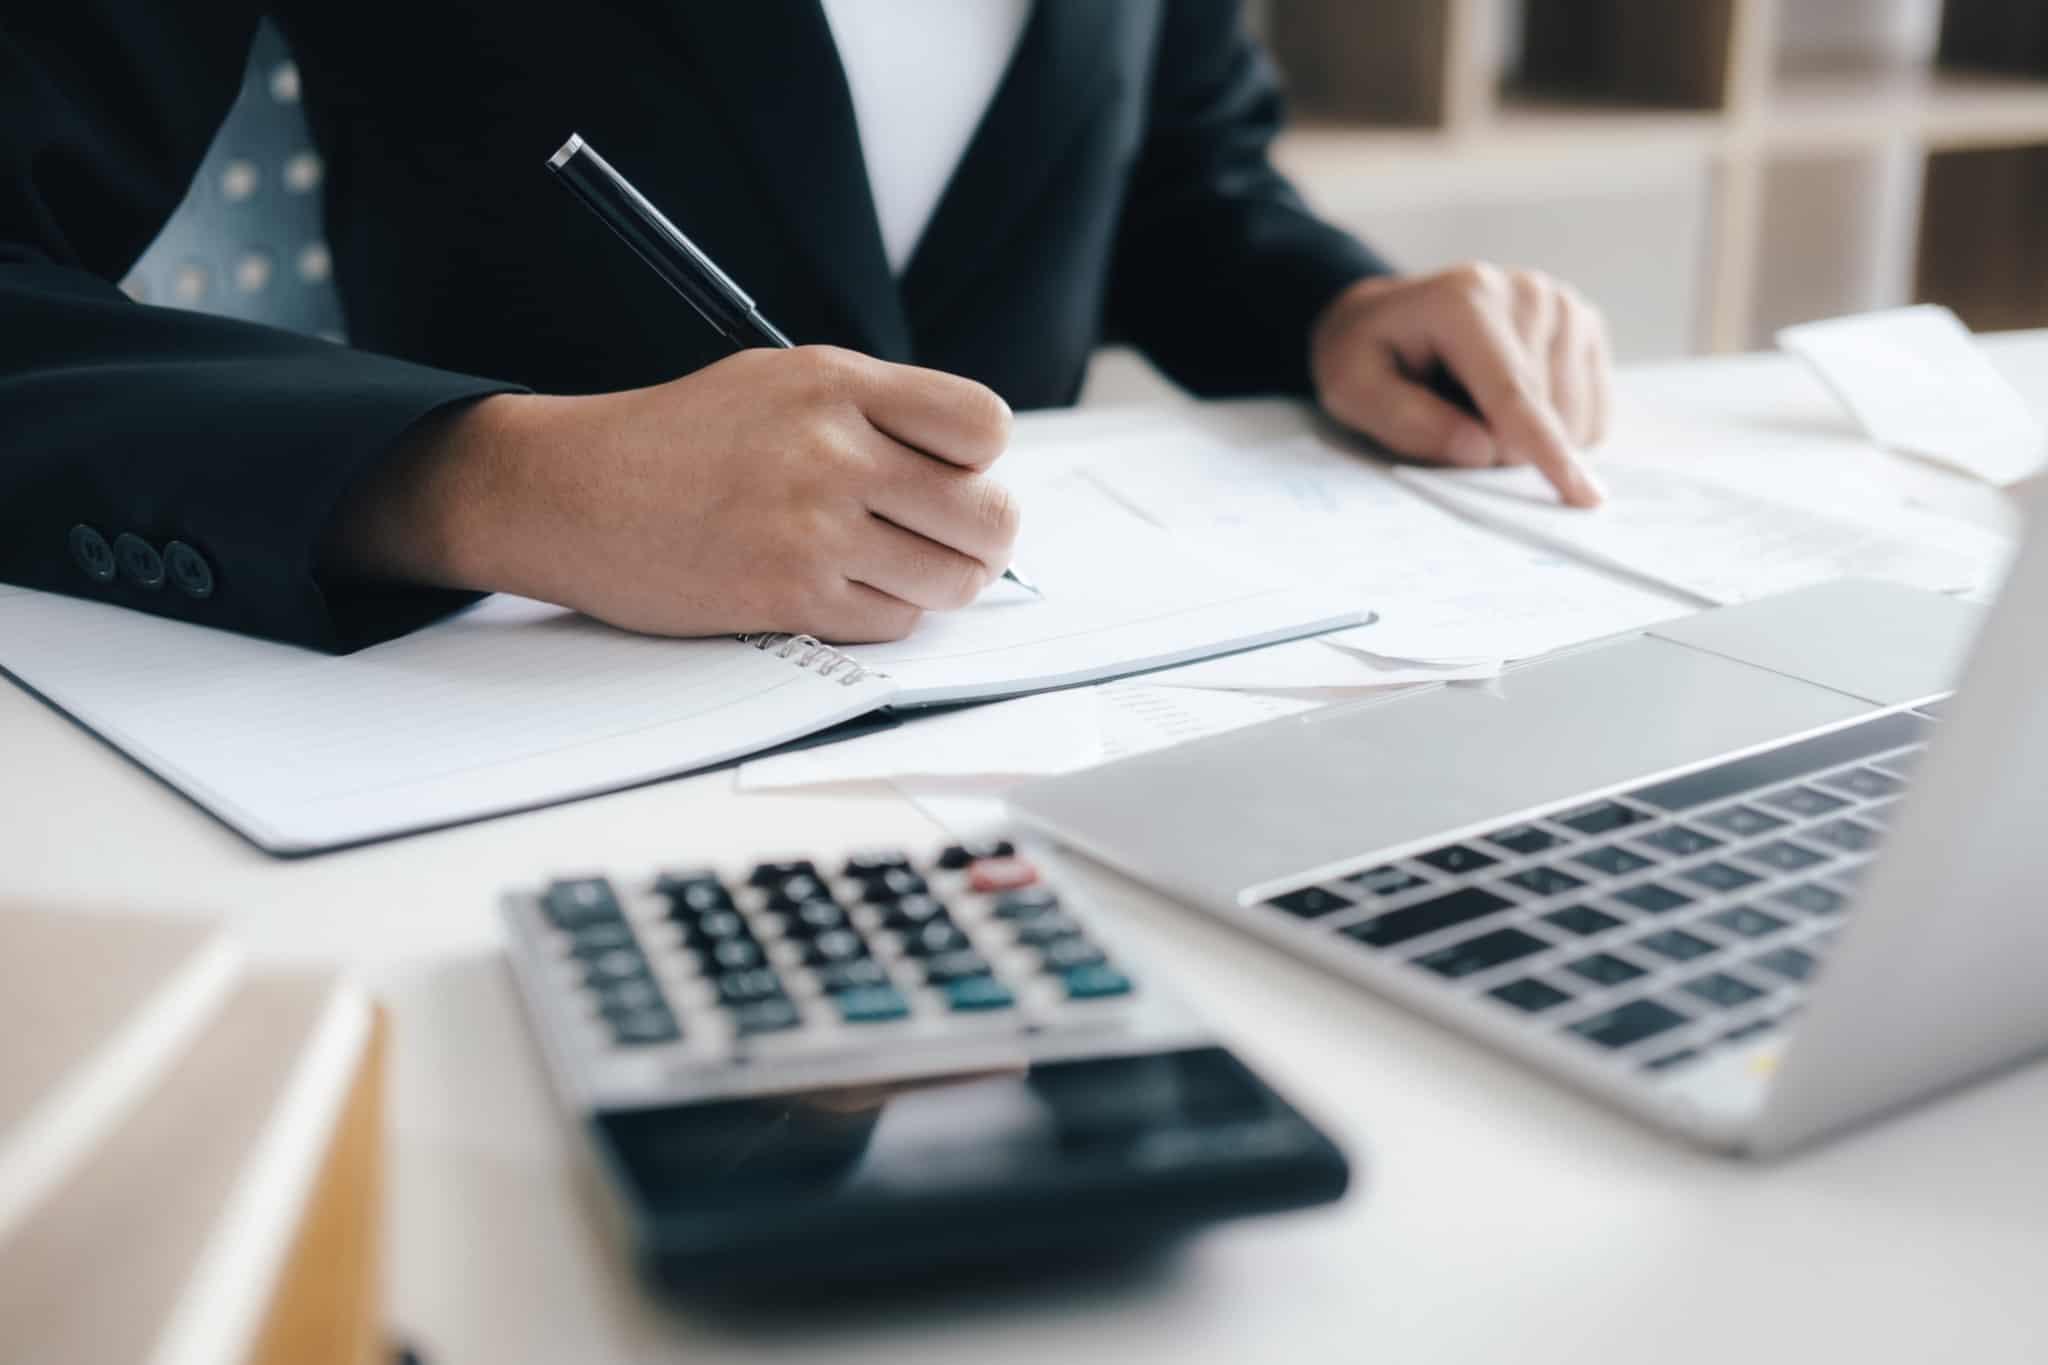 contabilizaçao em papel com uma calculadora ao lado